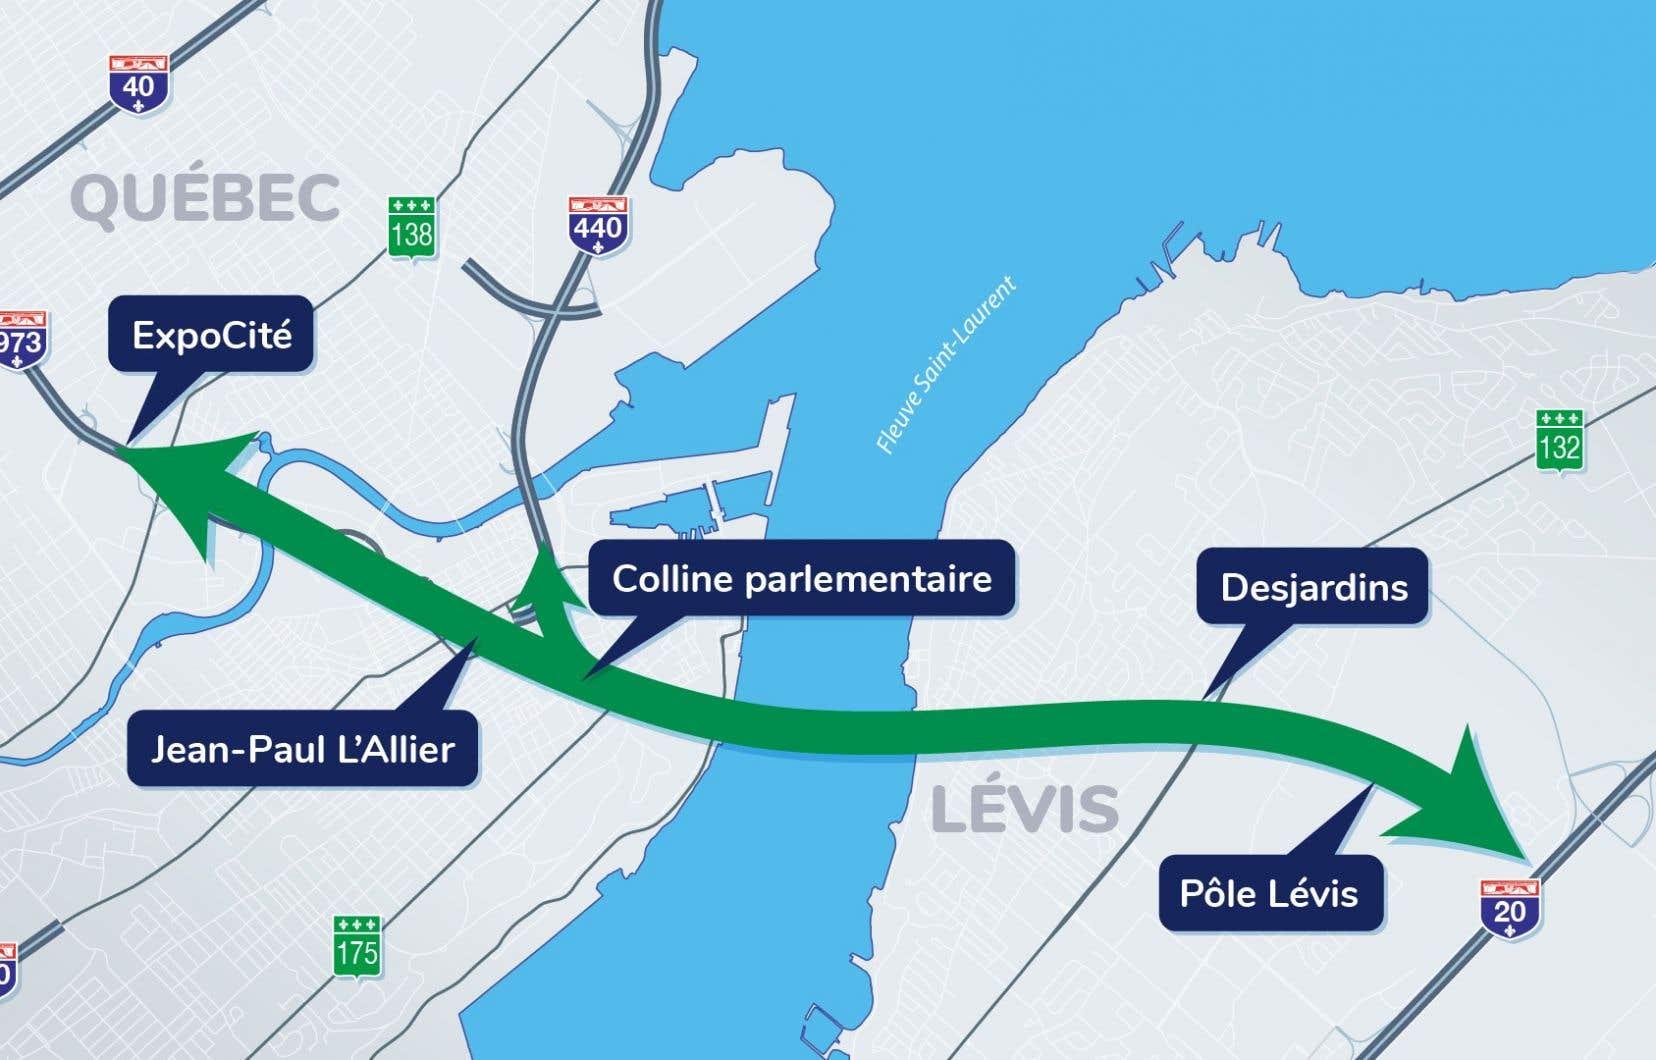 La coalition remet notamment en cause qu'entre 50 000 et 55 000 personnes emprunteront le futur tunnel chaque jour, comme l'a affirmé le gouvernement Legault.